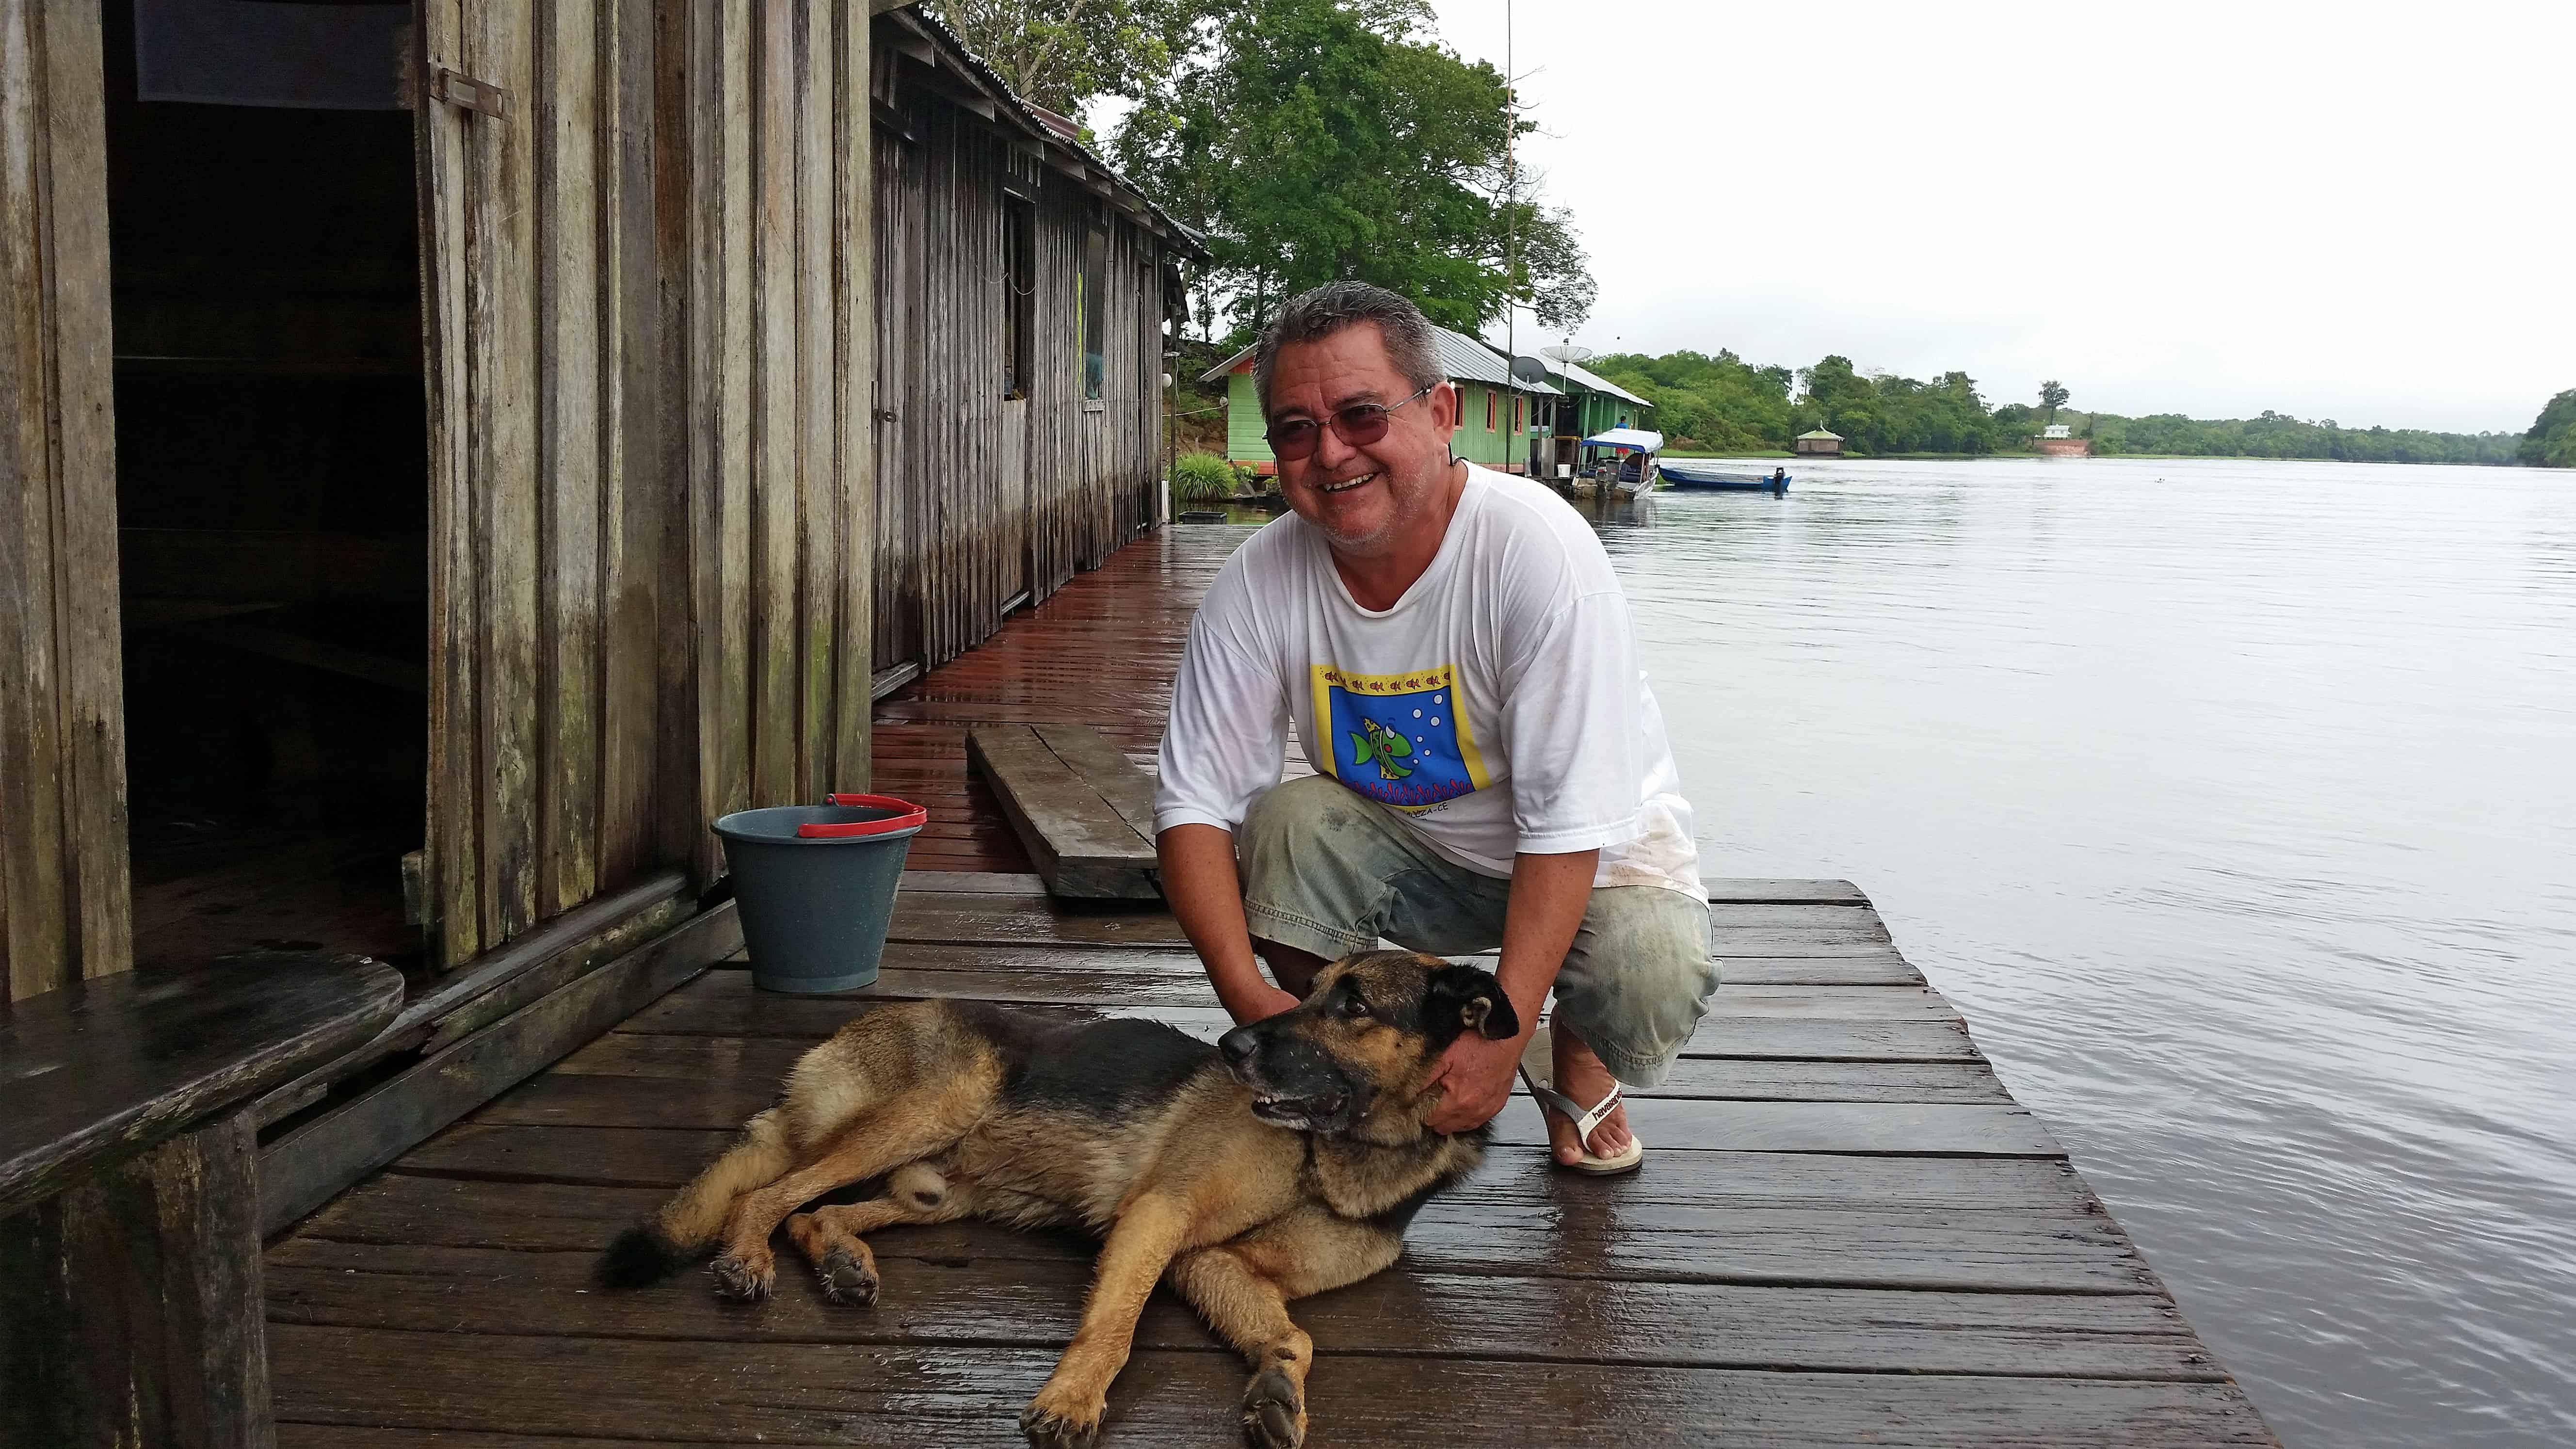 Gerry and his beloved German Shepherd Lord.